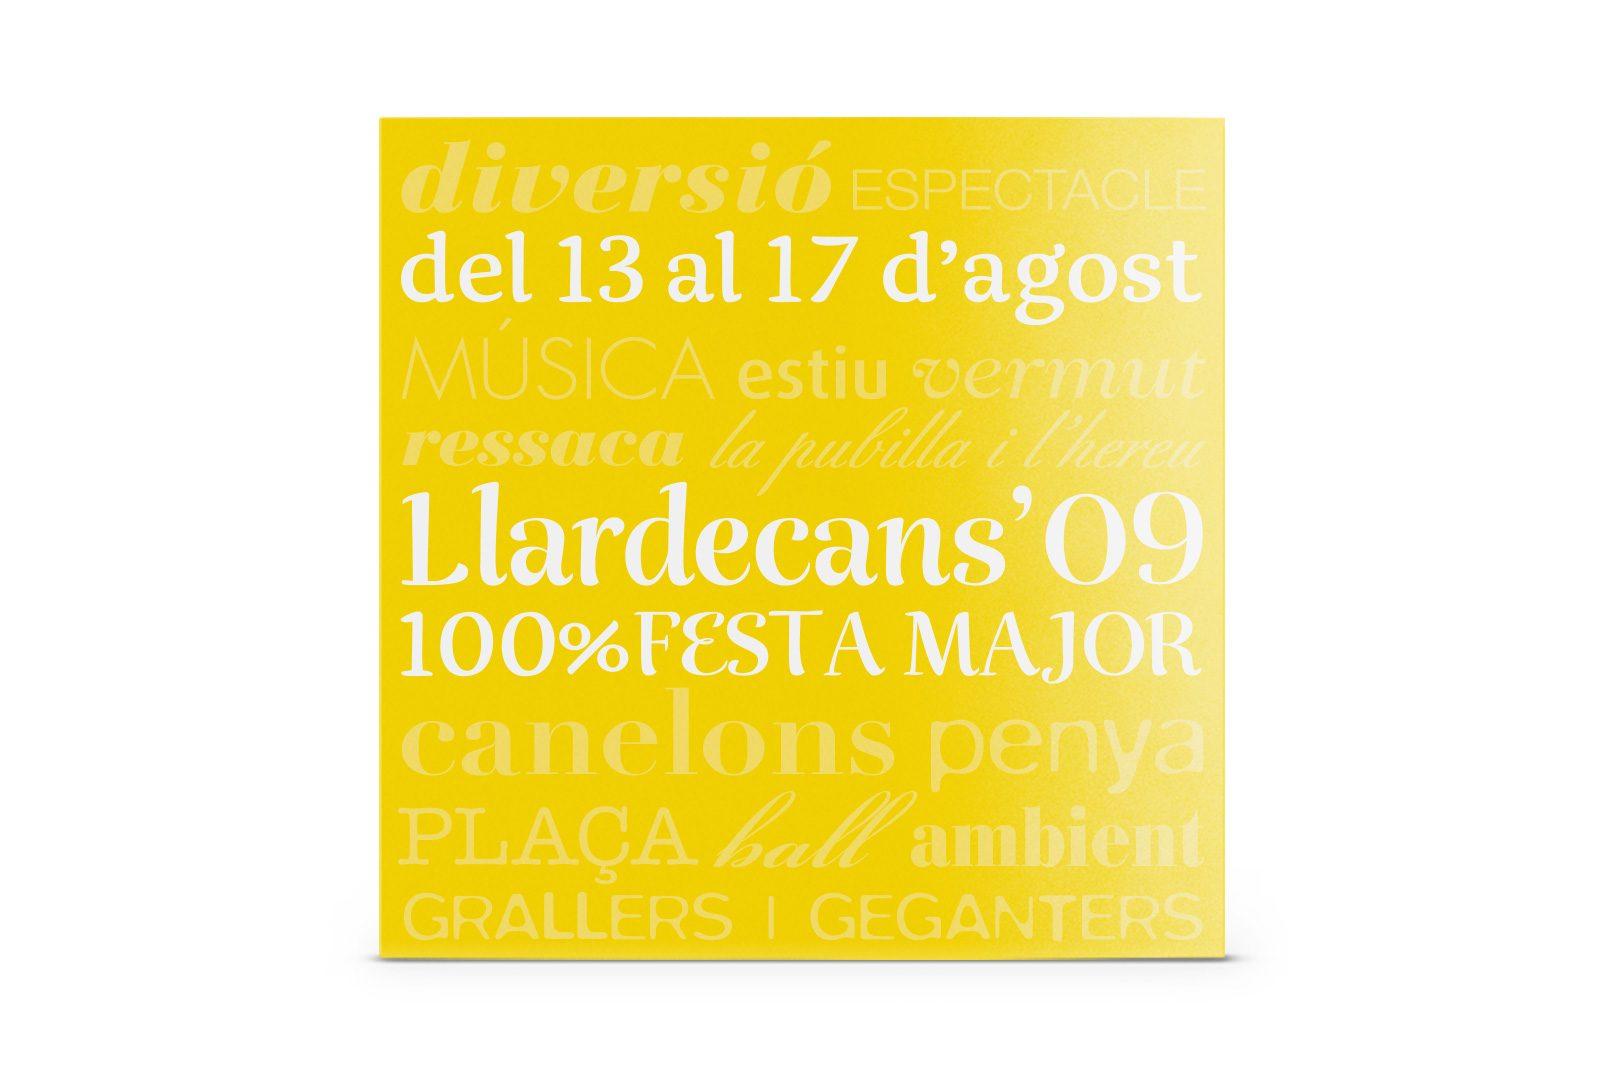 festa-major-llardecans-09-1